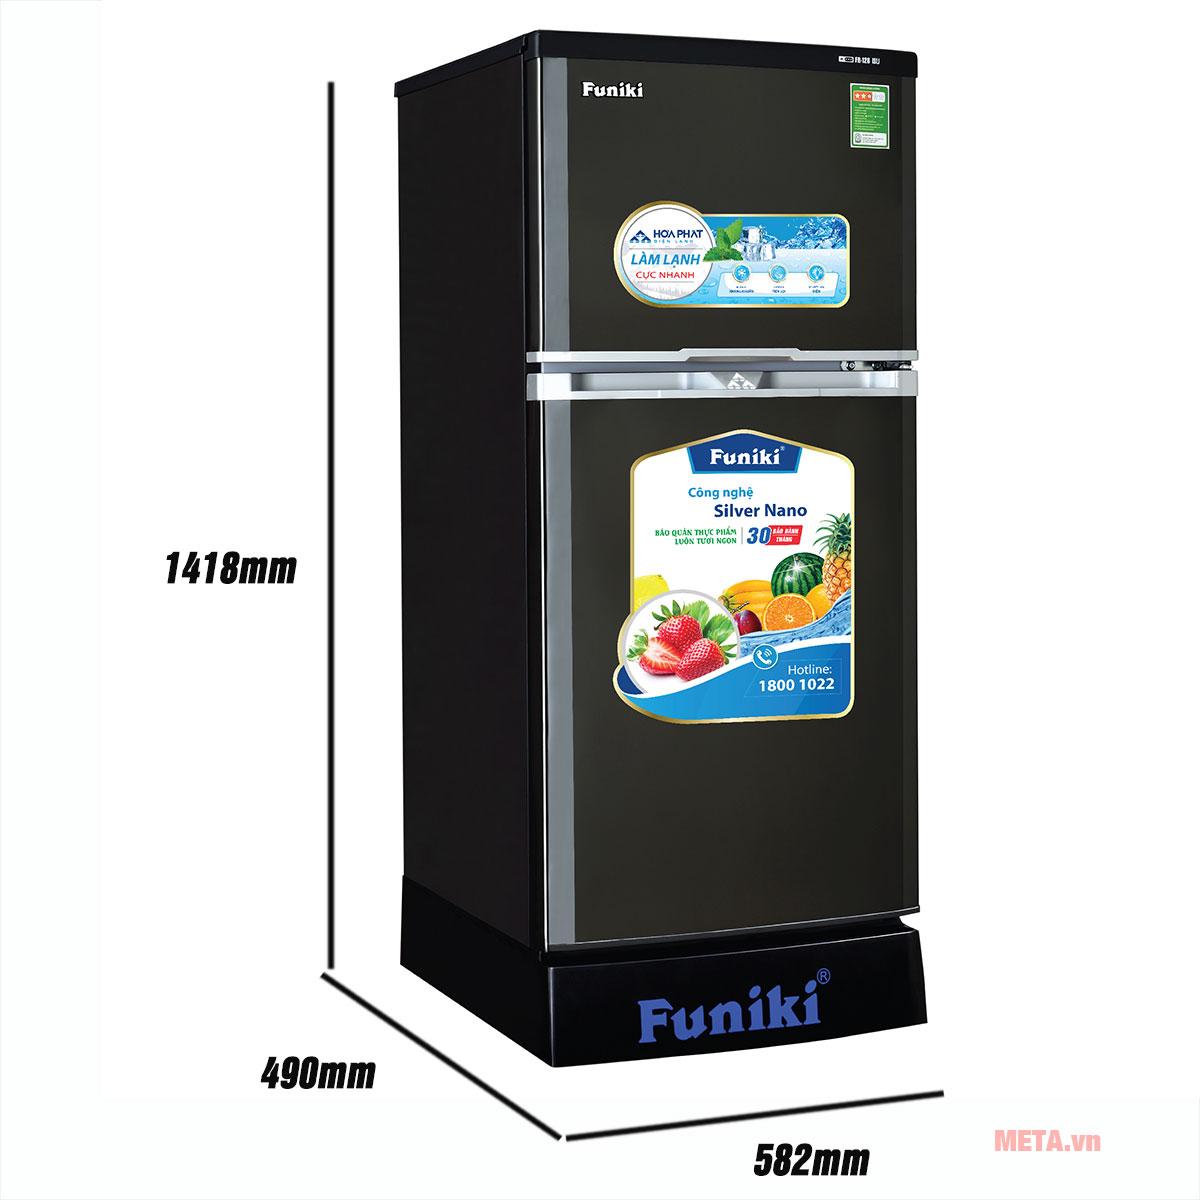 Kích thước tủ lạnh Funiki FR-156ISU